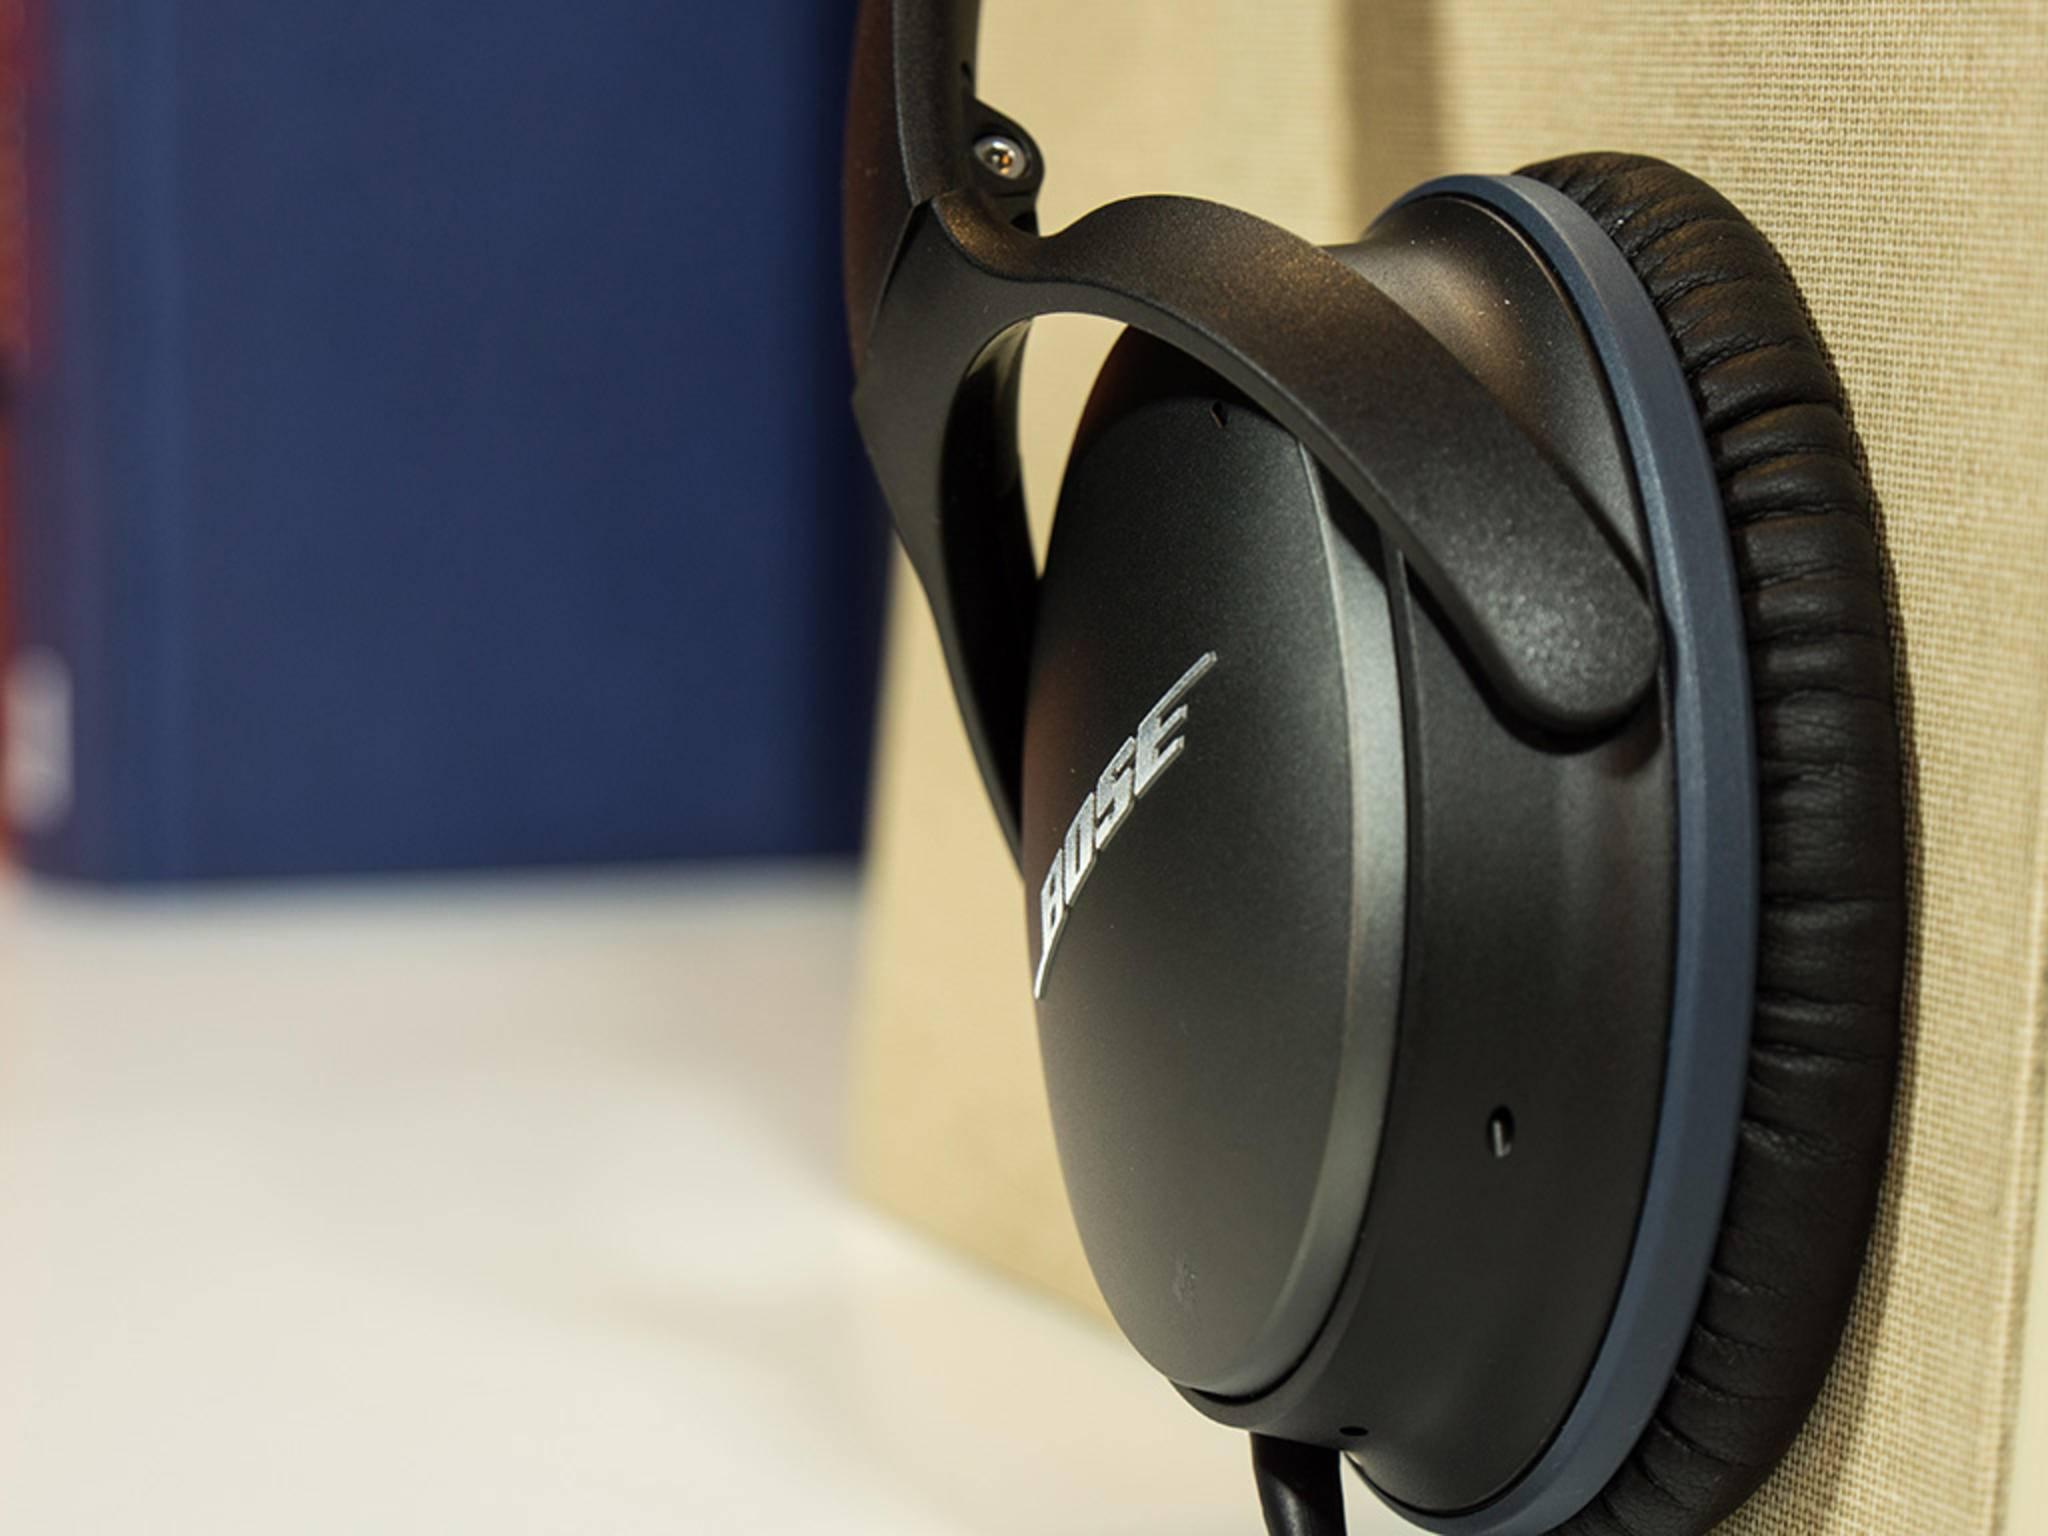 Der Kopfhörer liefert ein sehr neutrales Klangbild ohne Megabässe.